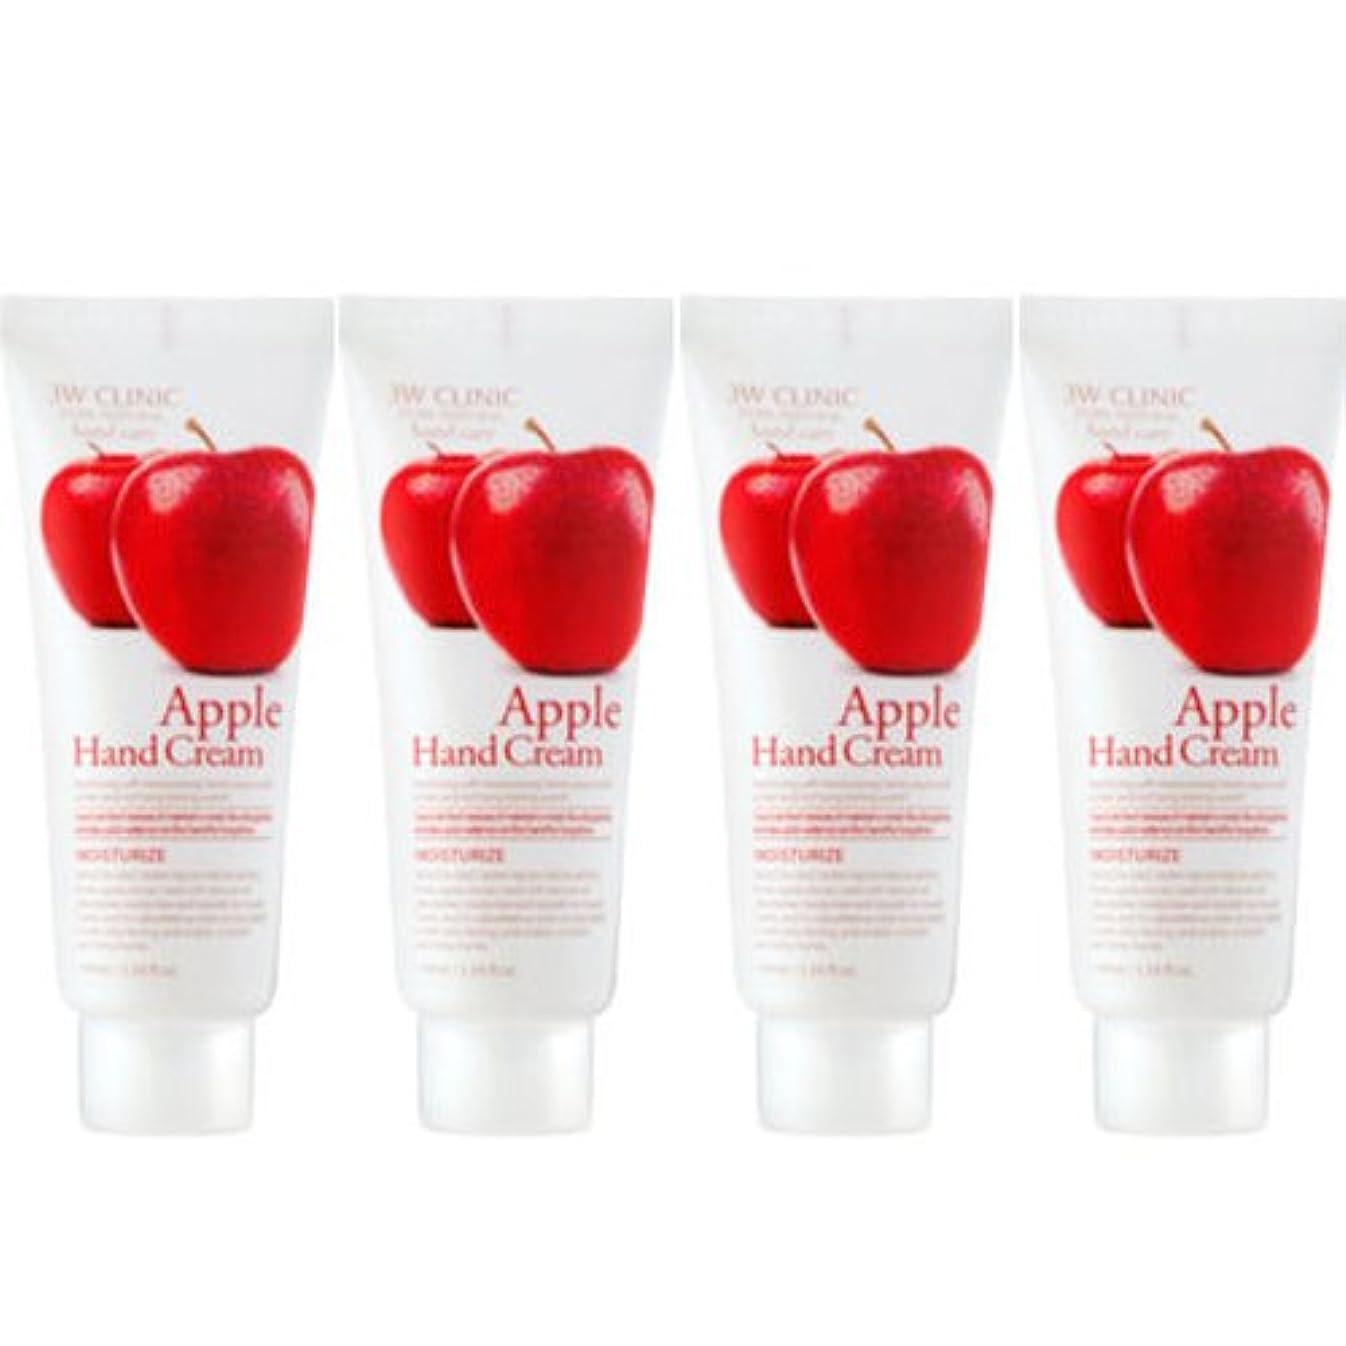 代名詞最小化する気付く3w Clinic[韓国コスメARRAHAN]Moisturizing Apple Hand Cream モイスチャーリングリンゴハンドクリーム100mlX4個 [並行輸入品]